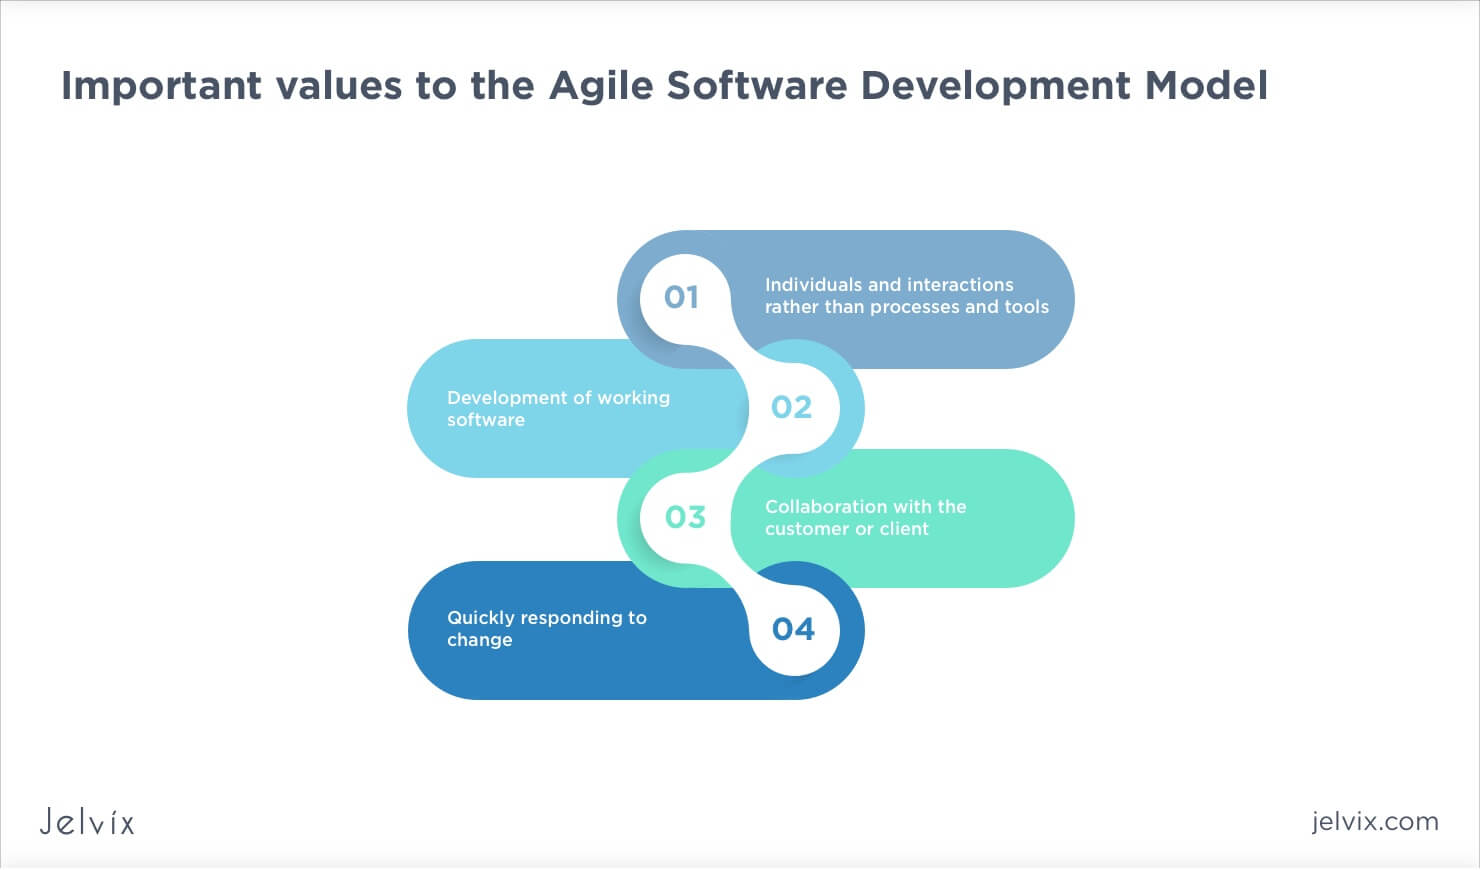 Agile model values